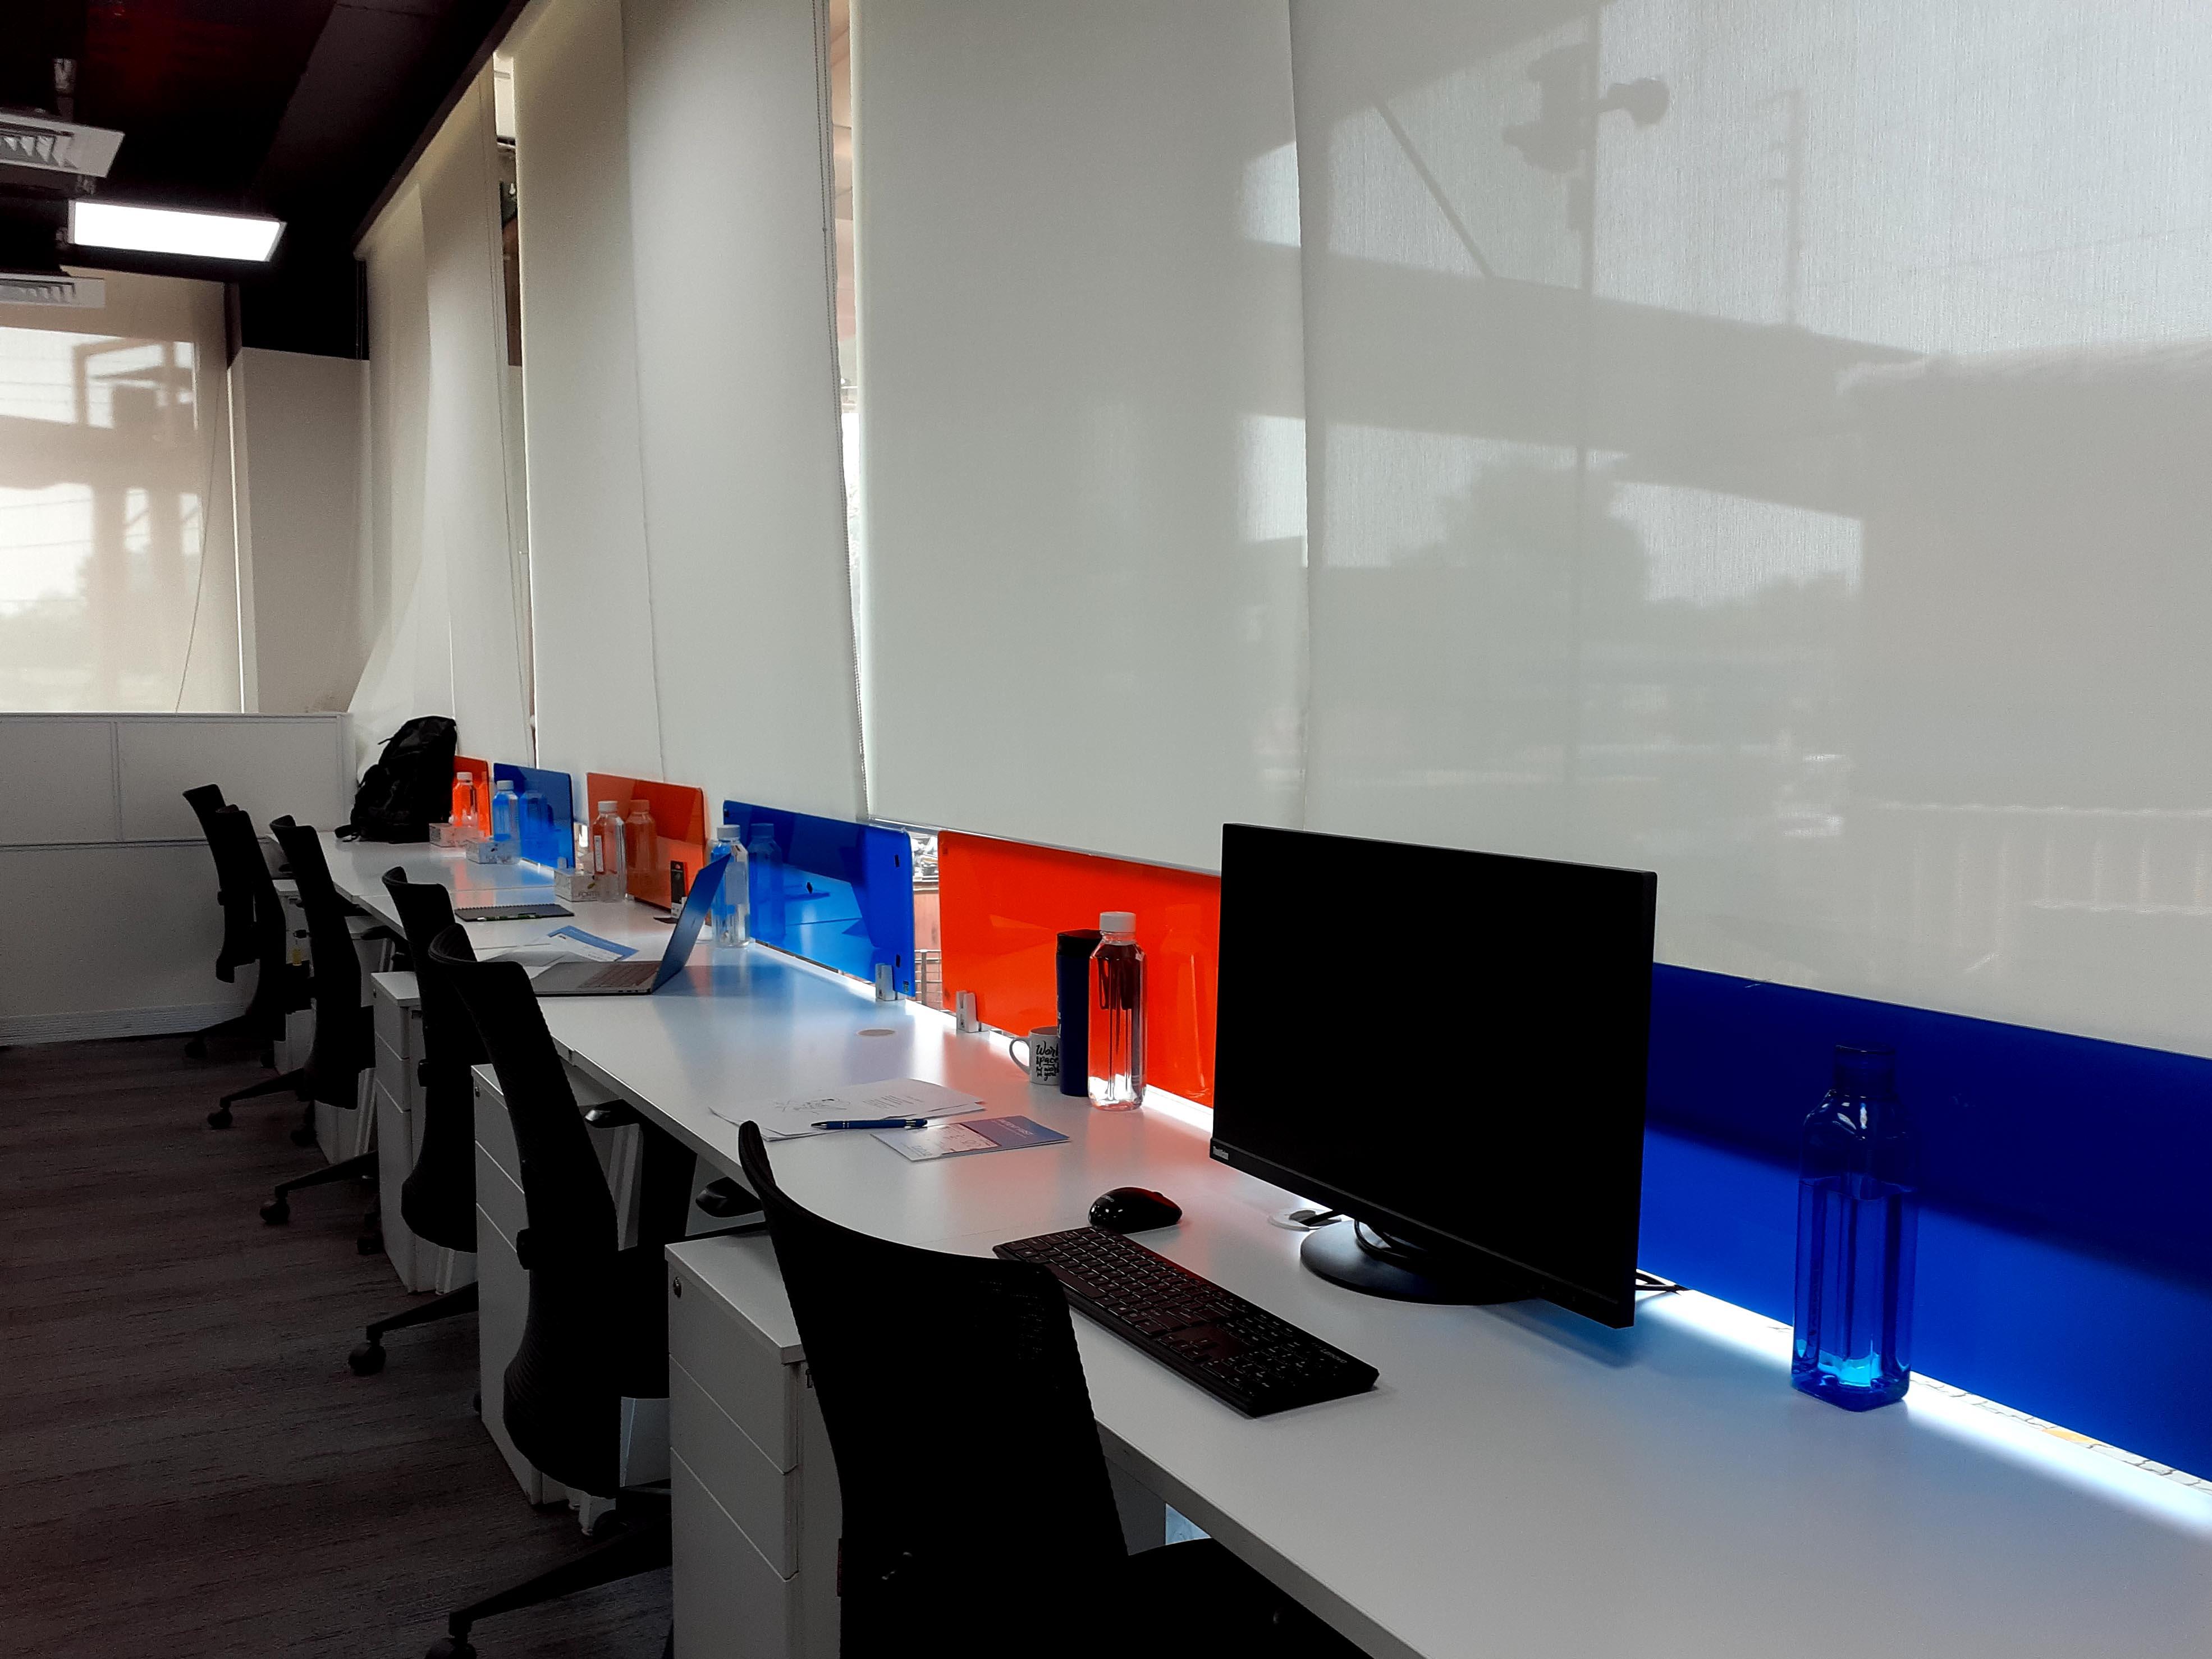 tab32 India office